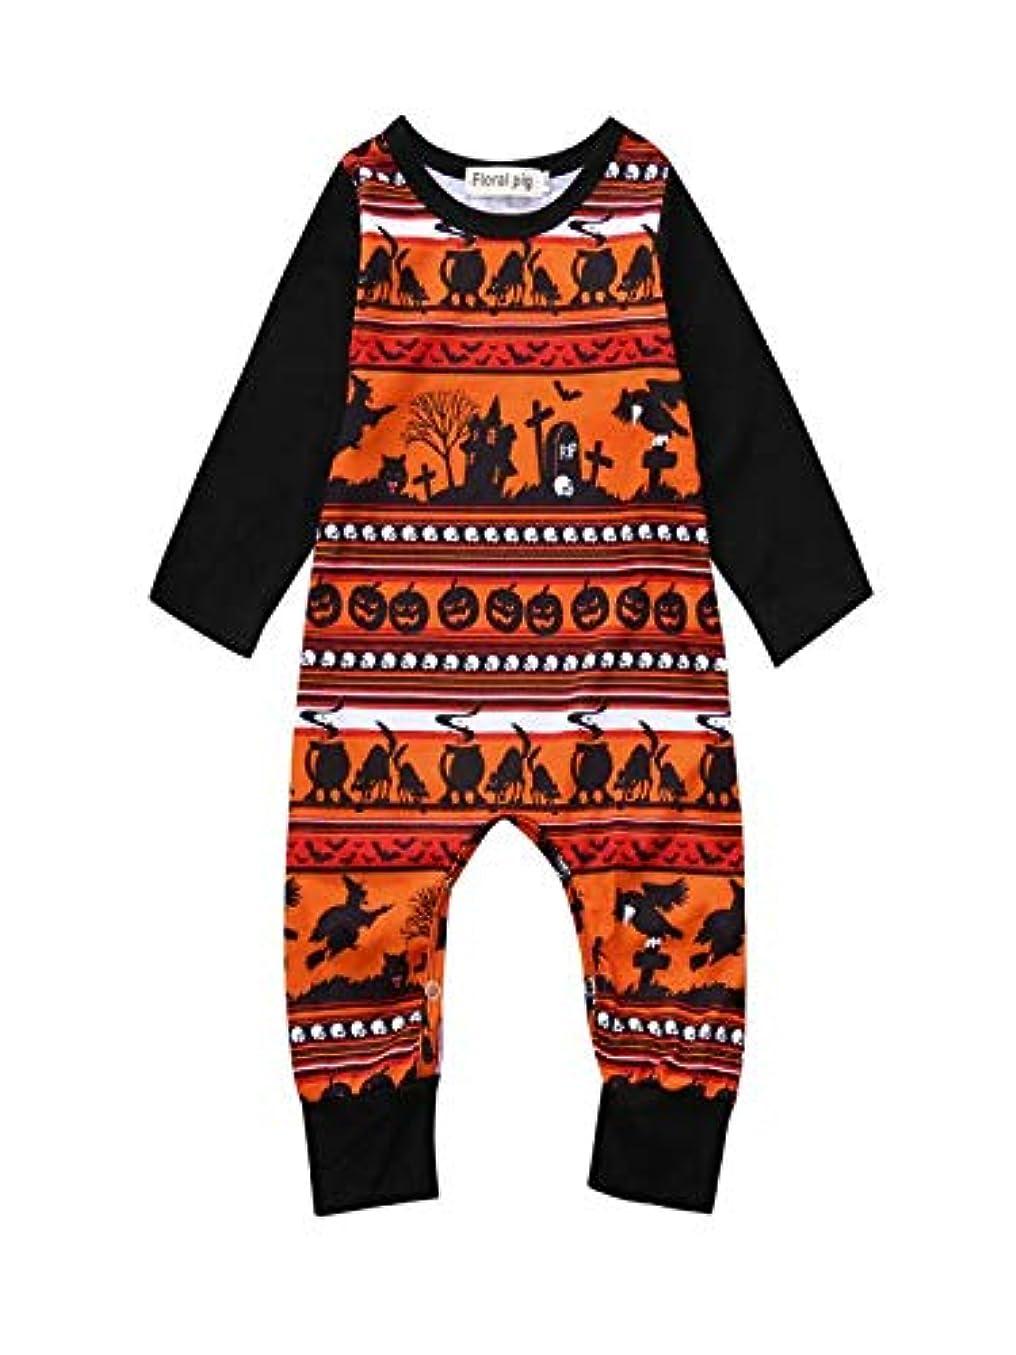 不適切な嫉妬バズTovadoo ハロウィーン衣装女の子用男の子用、幼児用ベビー漫画プリントロンパースジャンプスーツハロウィンコスチュームセット